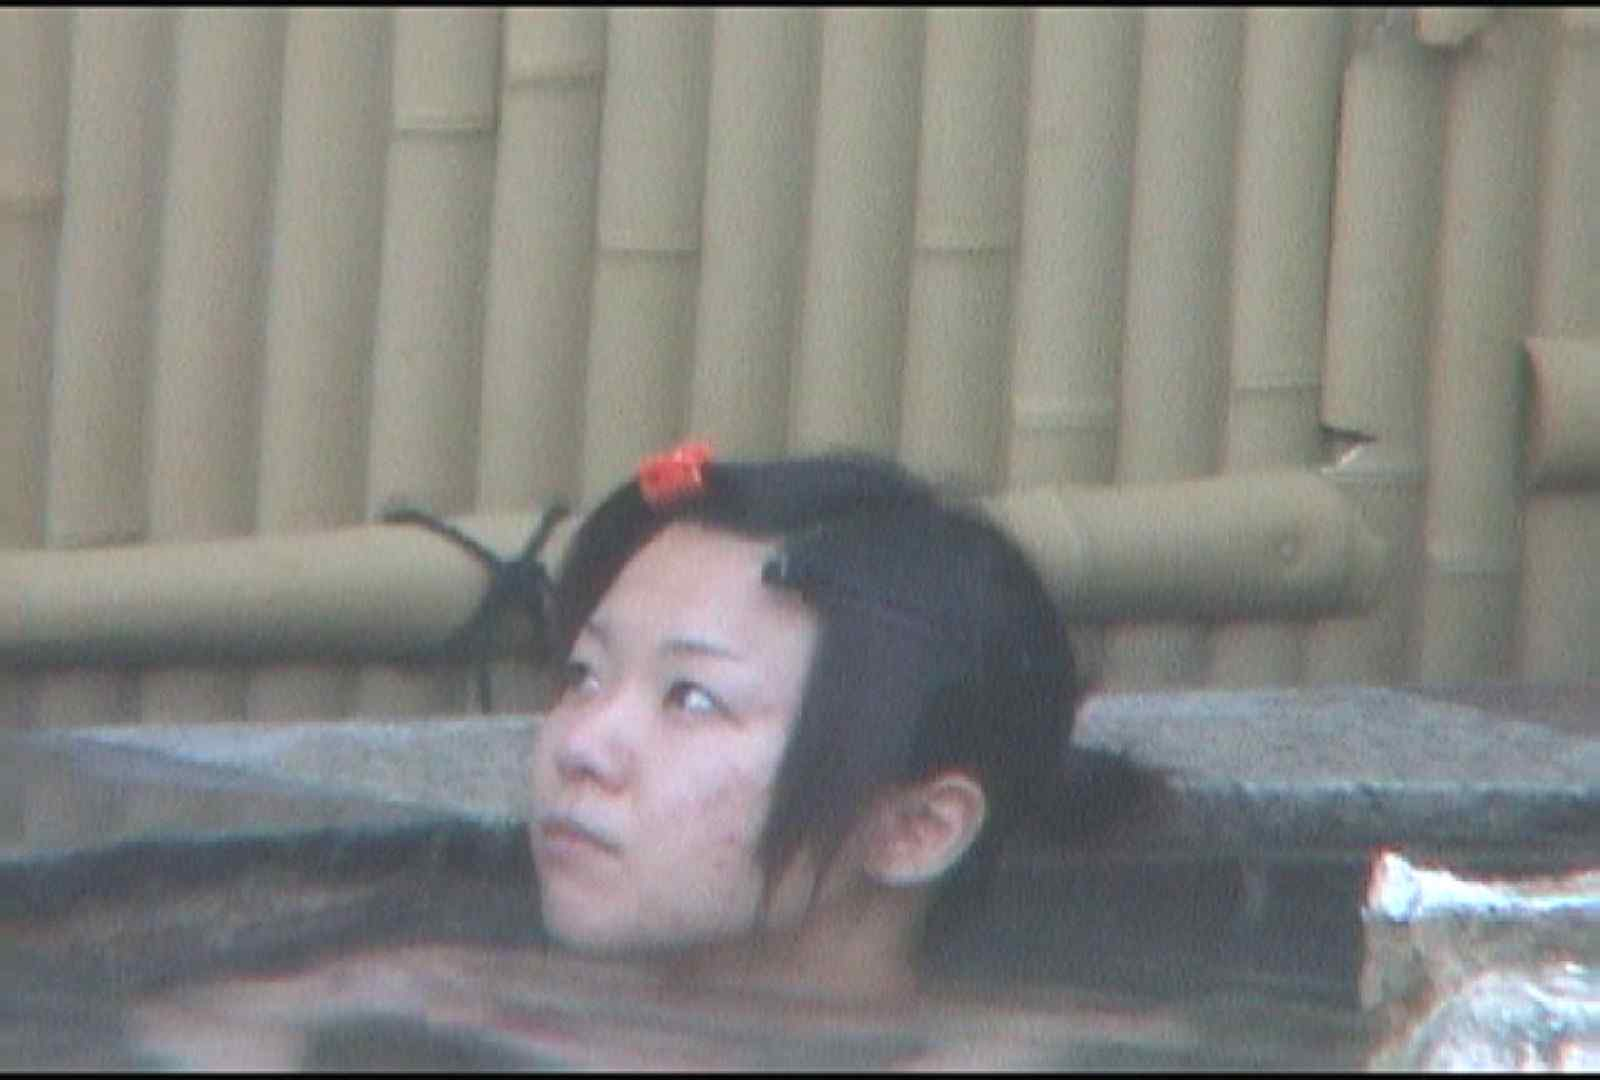 Aquaな露天風呂Vol.175 盗撮 オメコ動画キャプチャ 99枚 53